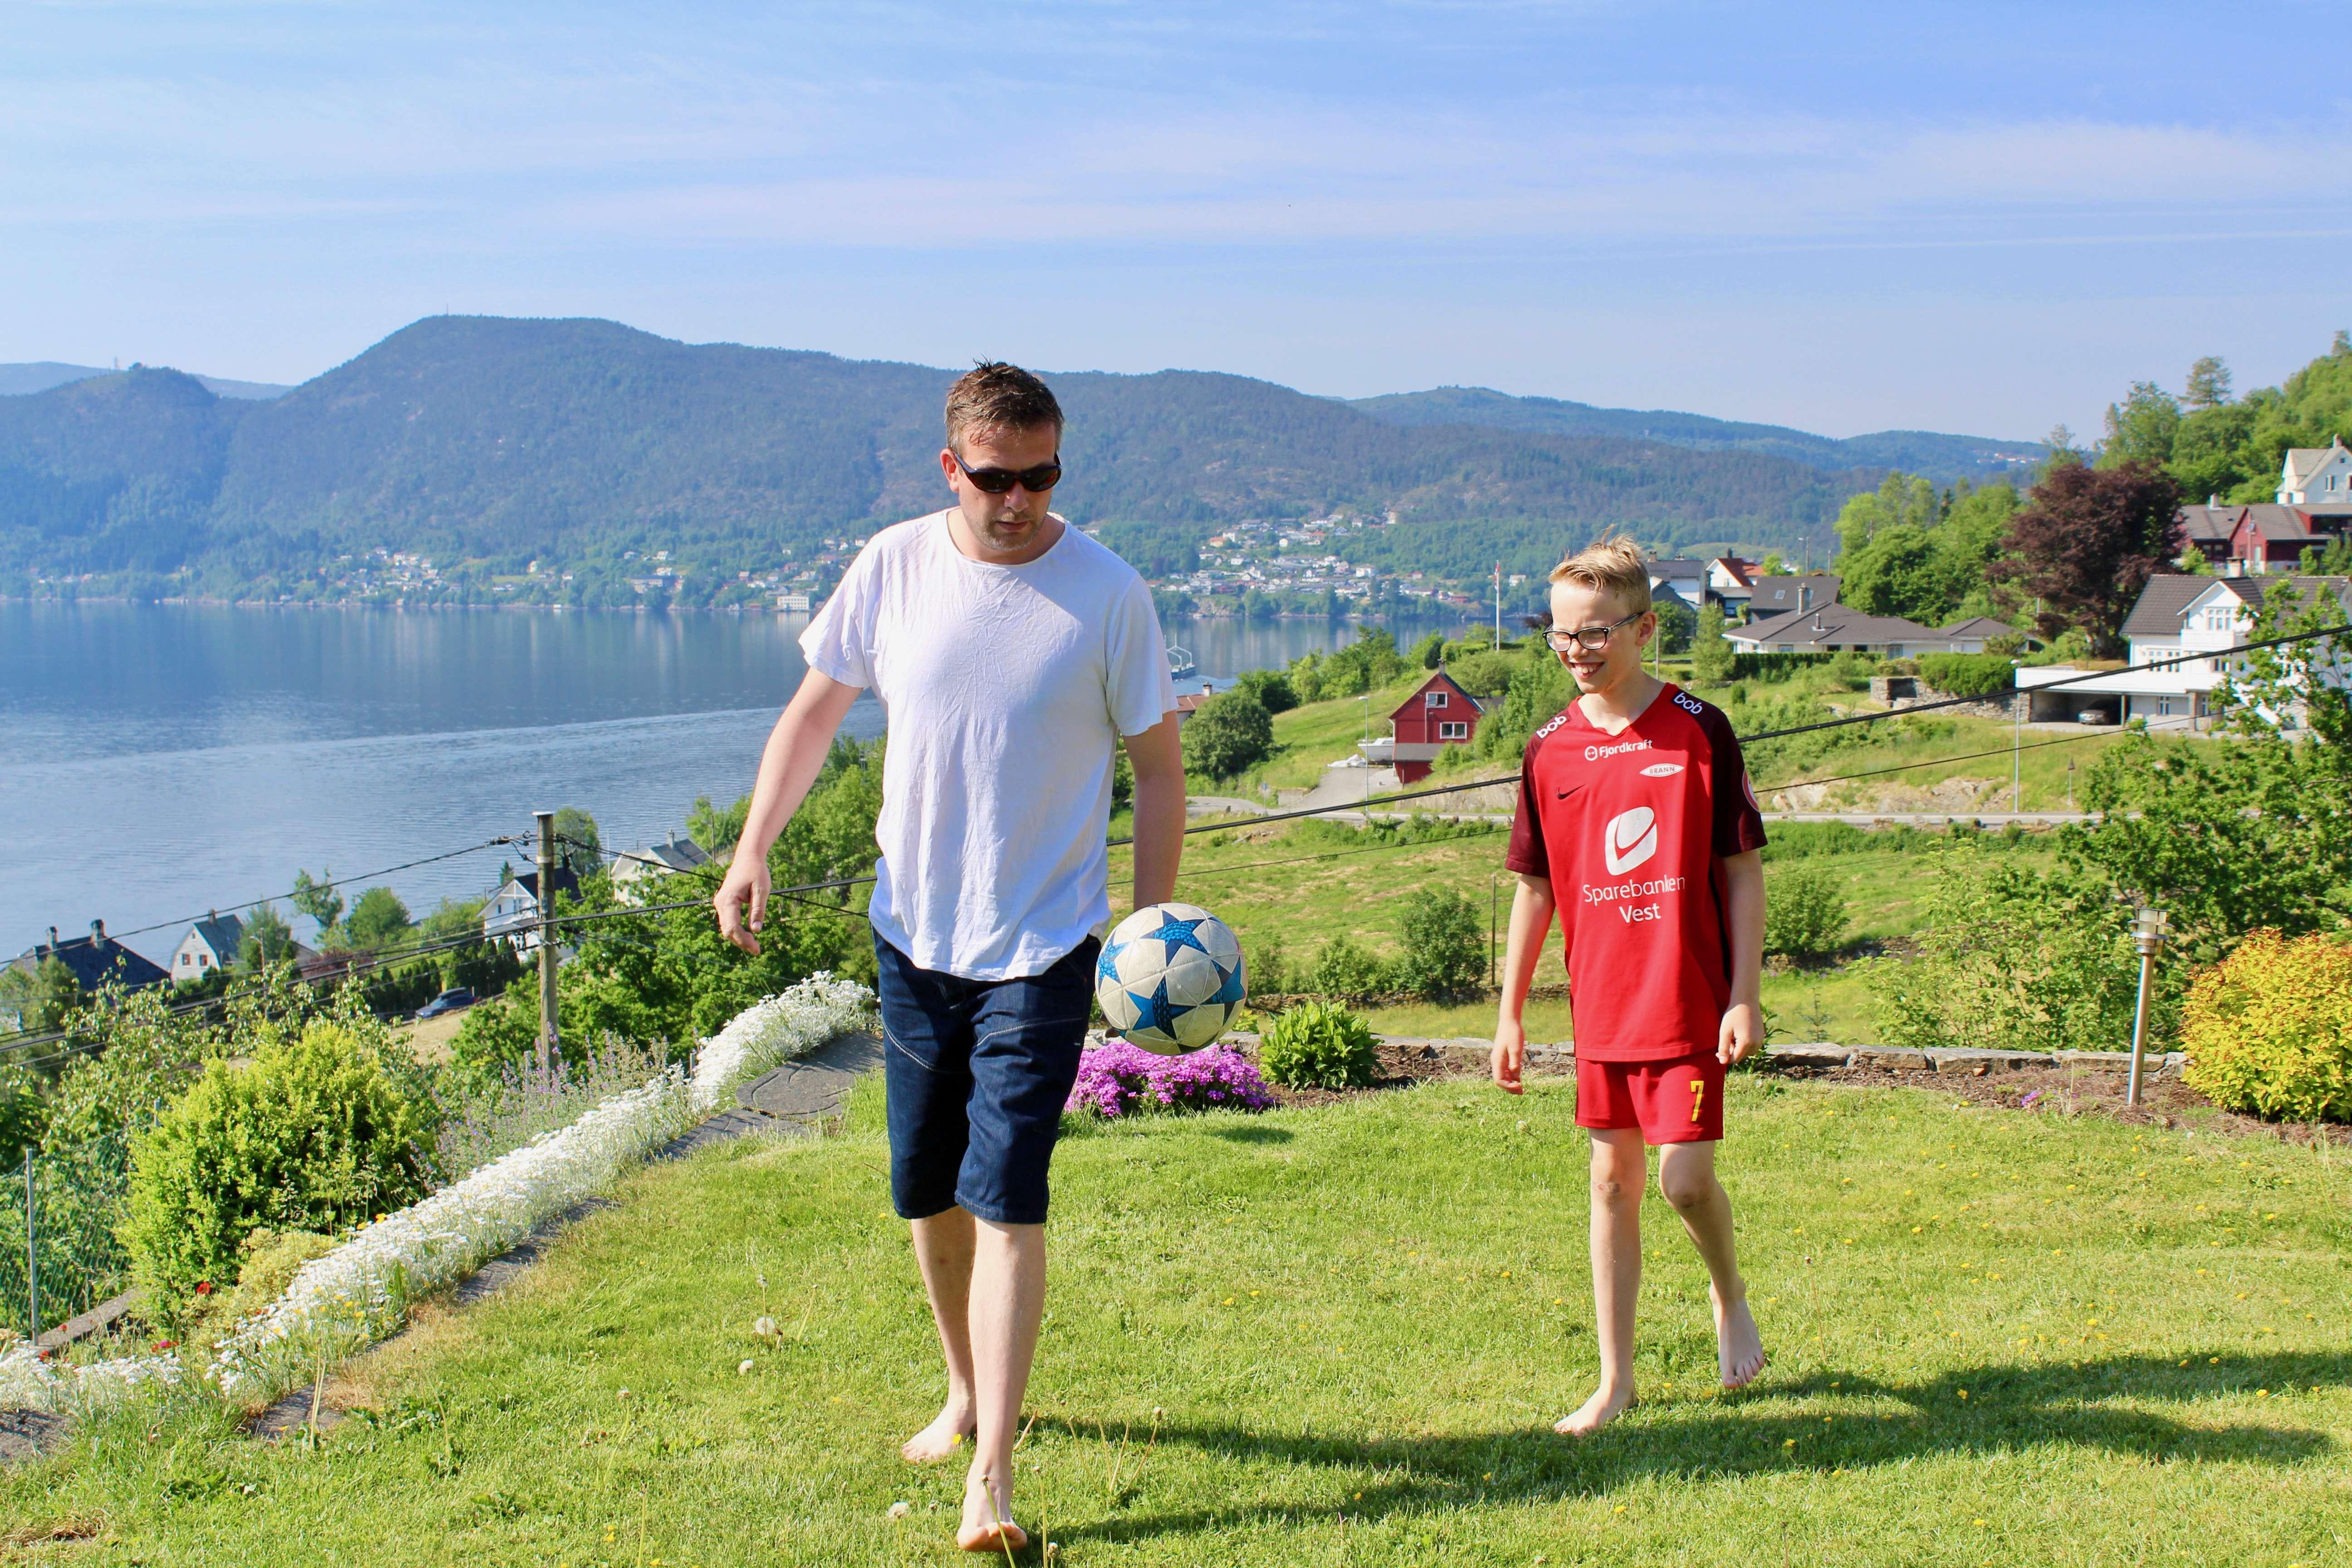 Elias og faren Stian spiller fotball i hagen